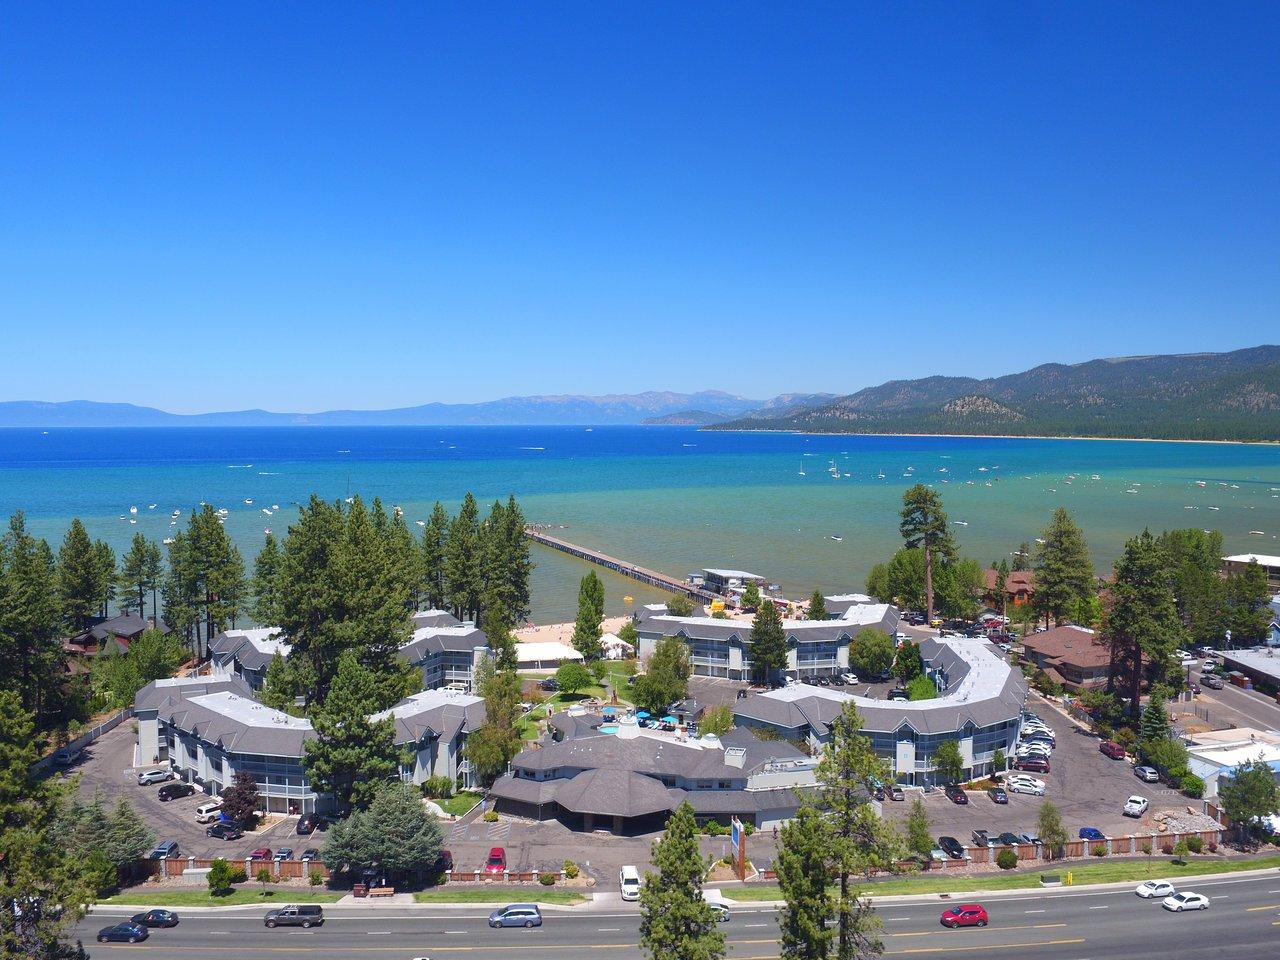 Lake Tahoe Hotels >> The 10 Best Last Minute Hotels In South Lake Tahoe 2019